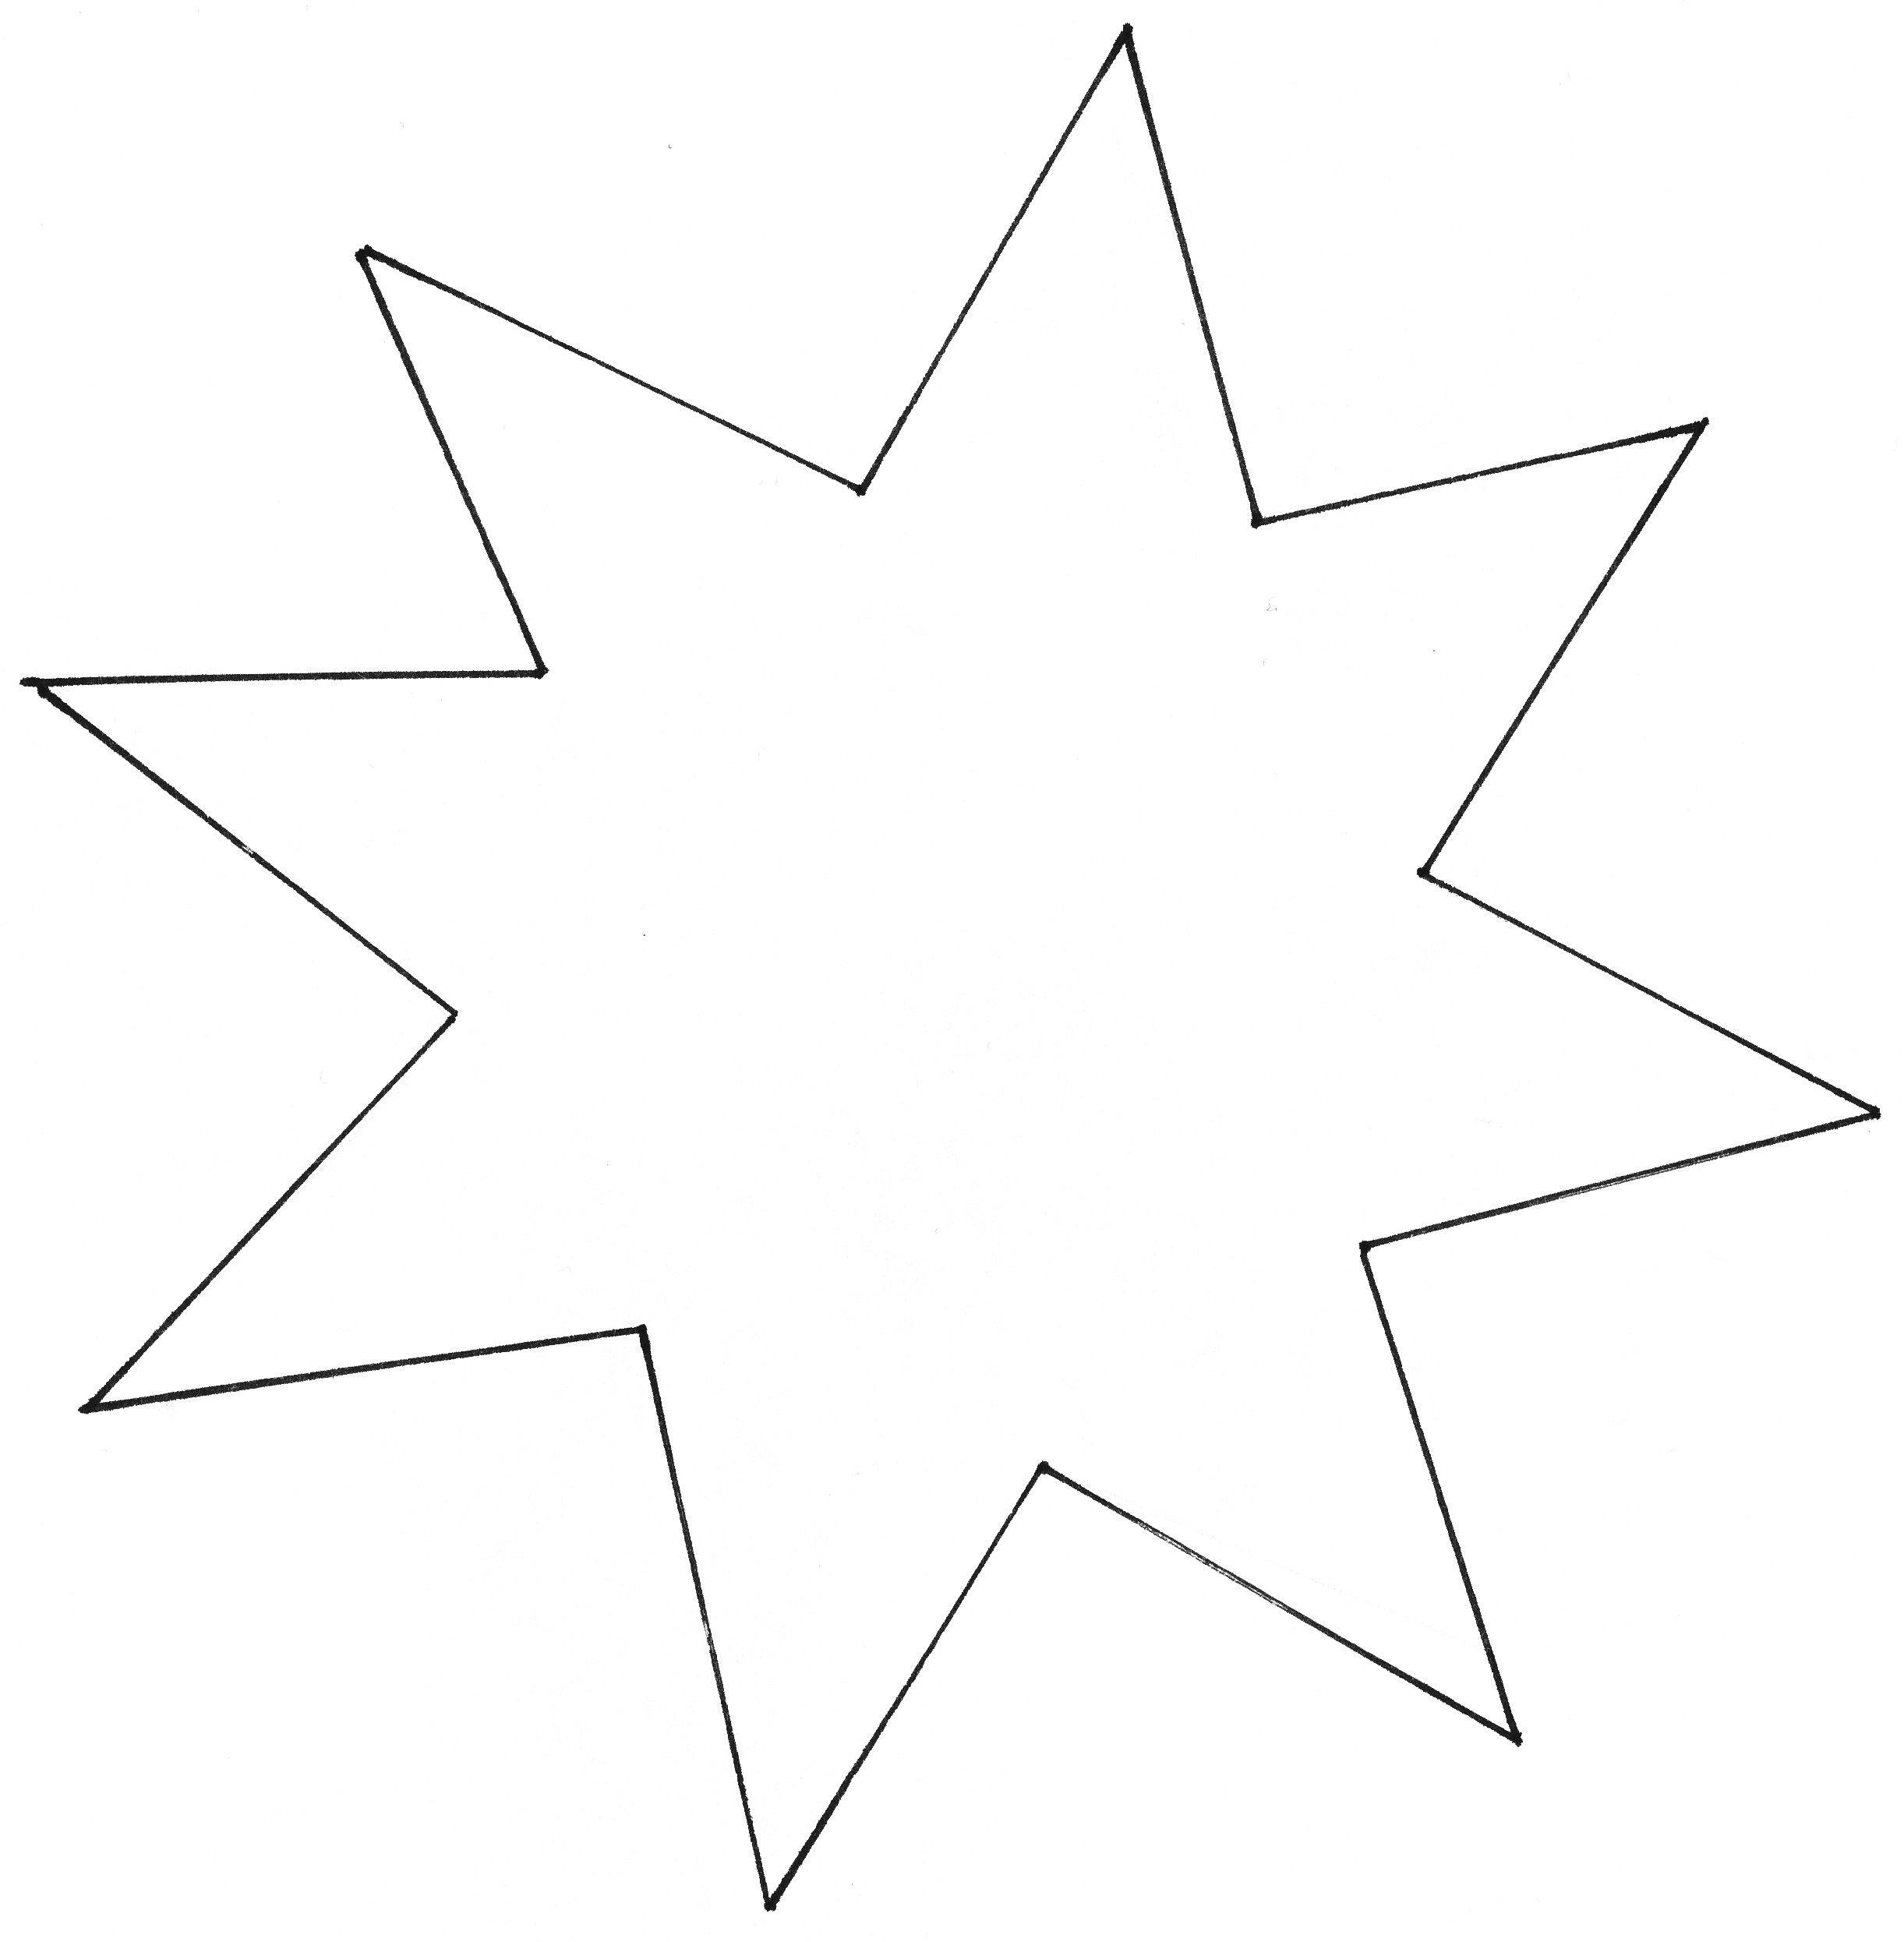 Neu Stern Ausmalen Malvorlagen Malvorlagenfurkinder Malvorlagenfurerwachsene Sterne Basteln Vorlage Vorlage Stern Sterne Zum Ausdrucken